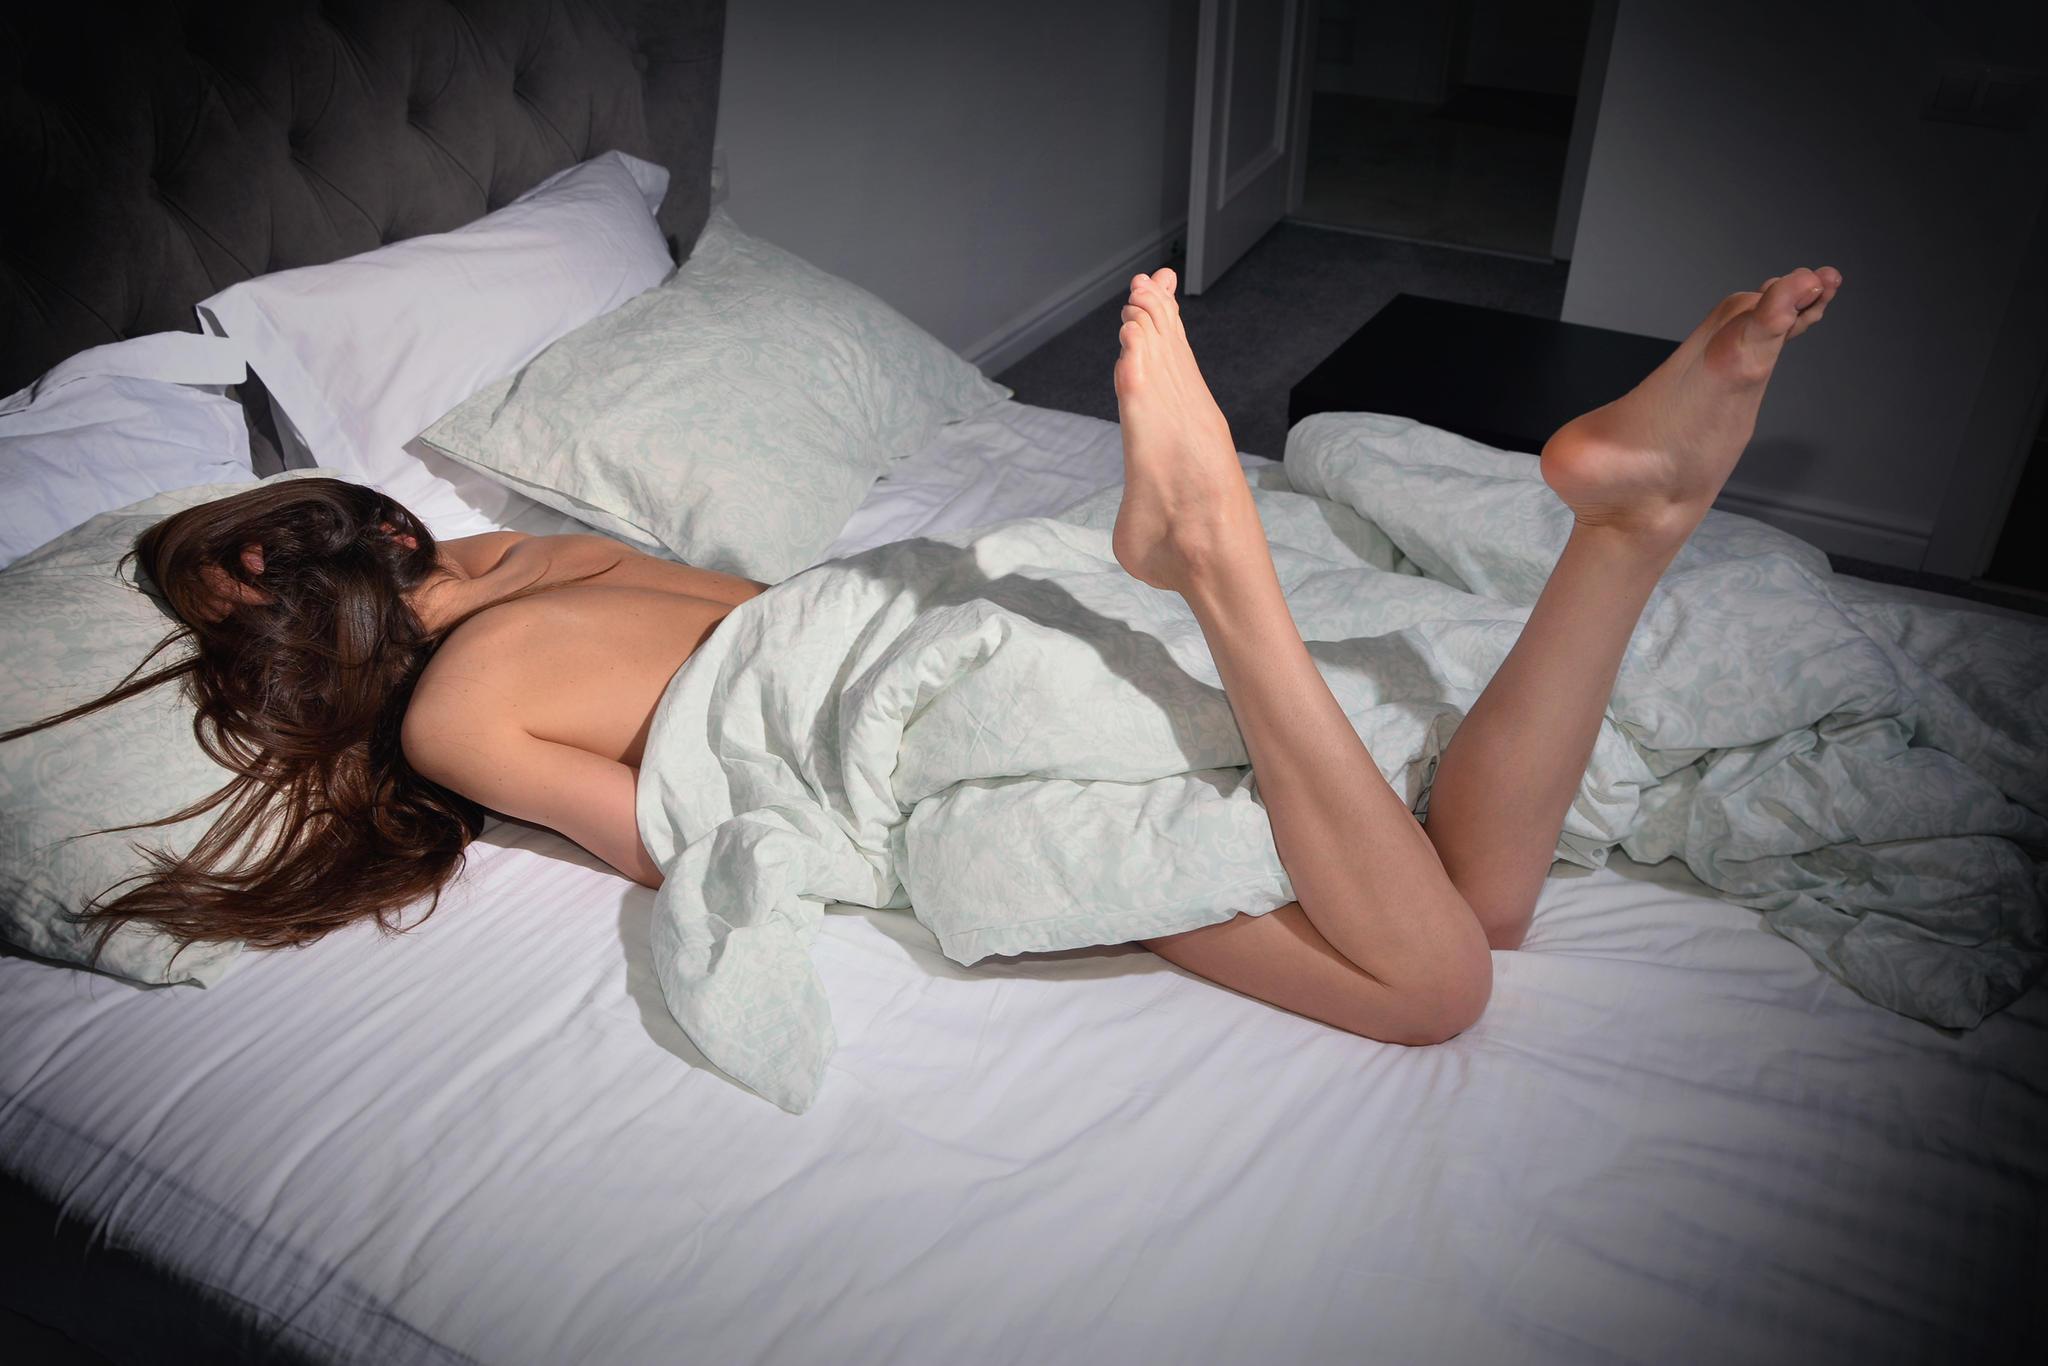 frau befriedigt sich selbst wahrheit oder pflicht sex